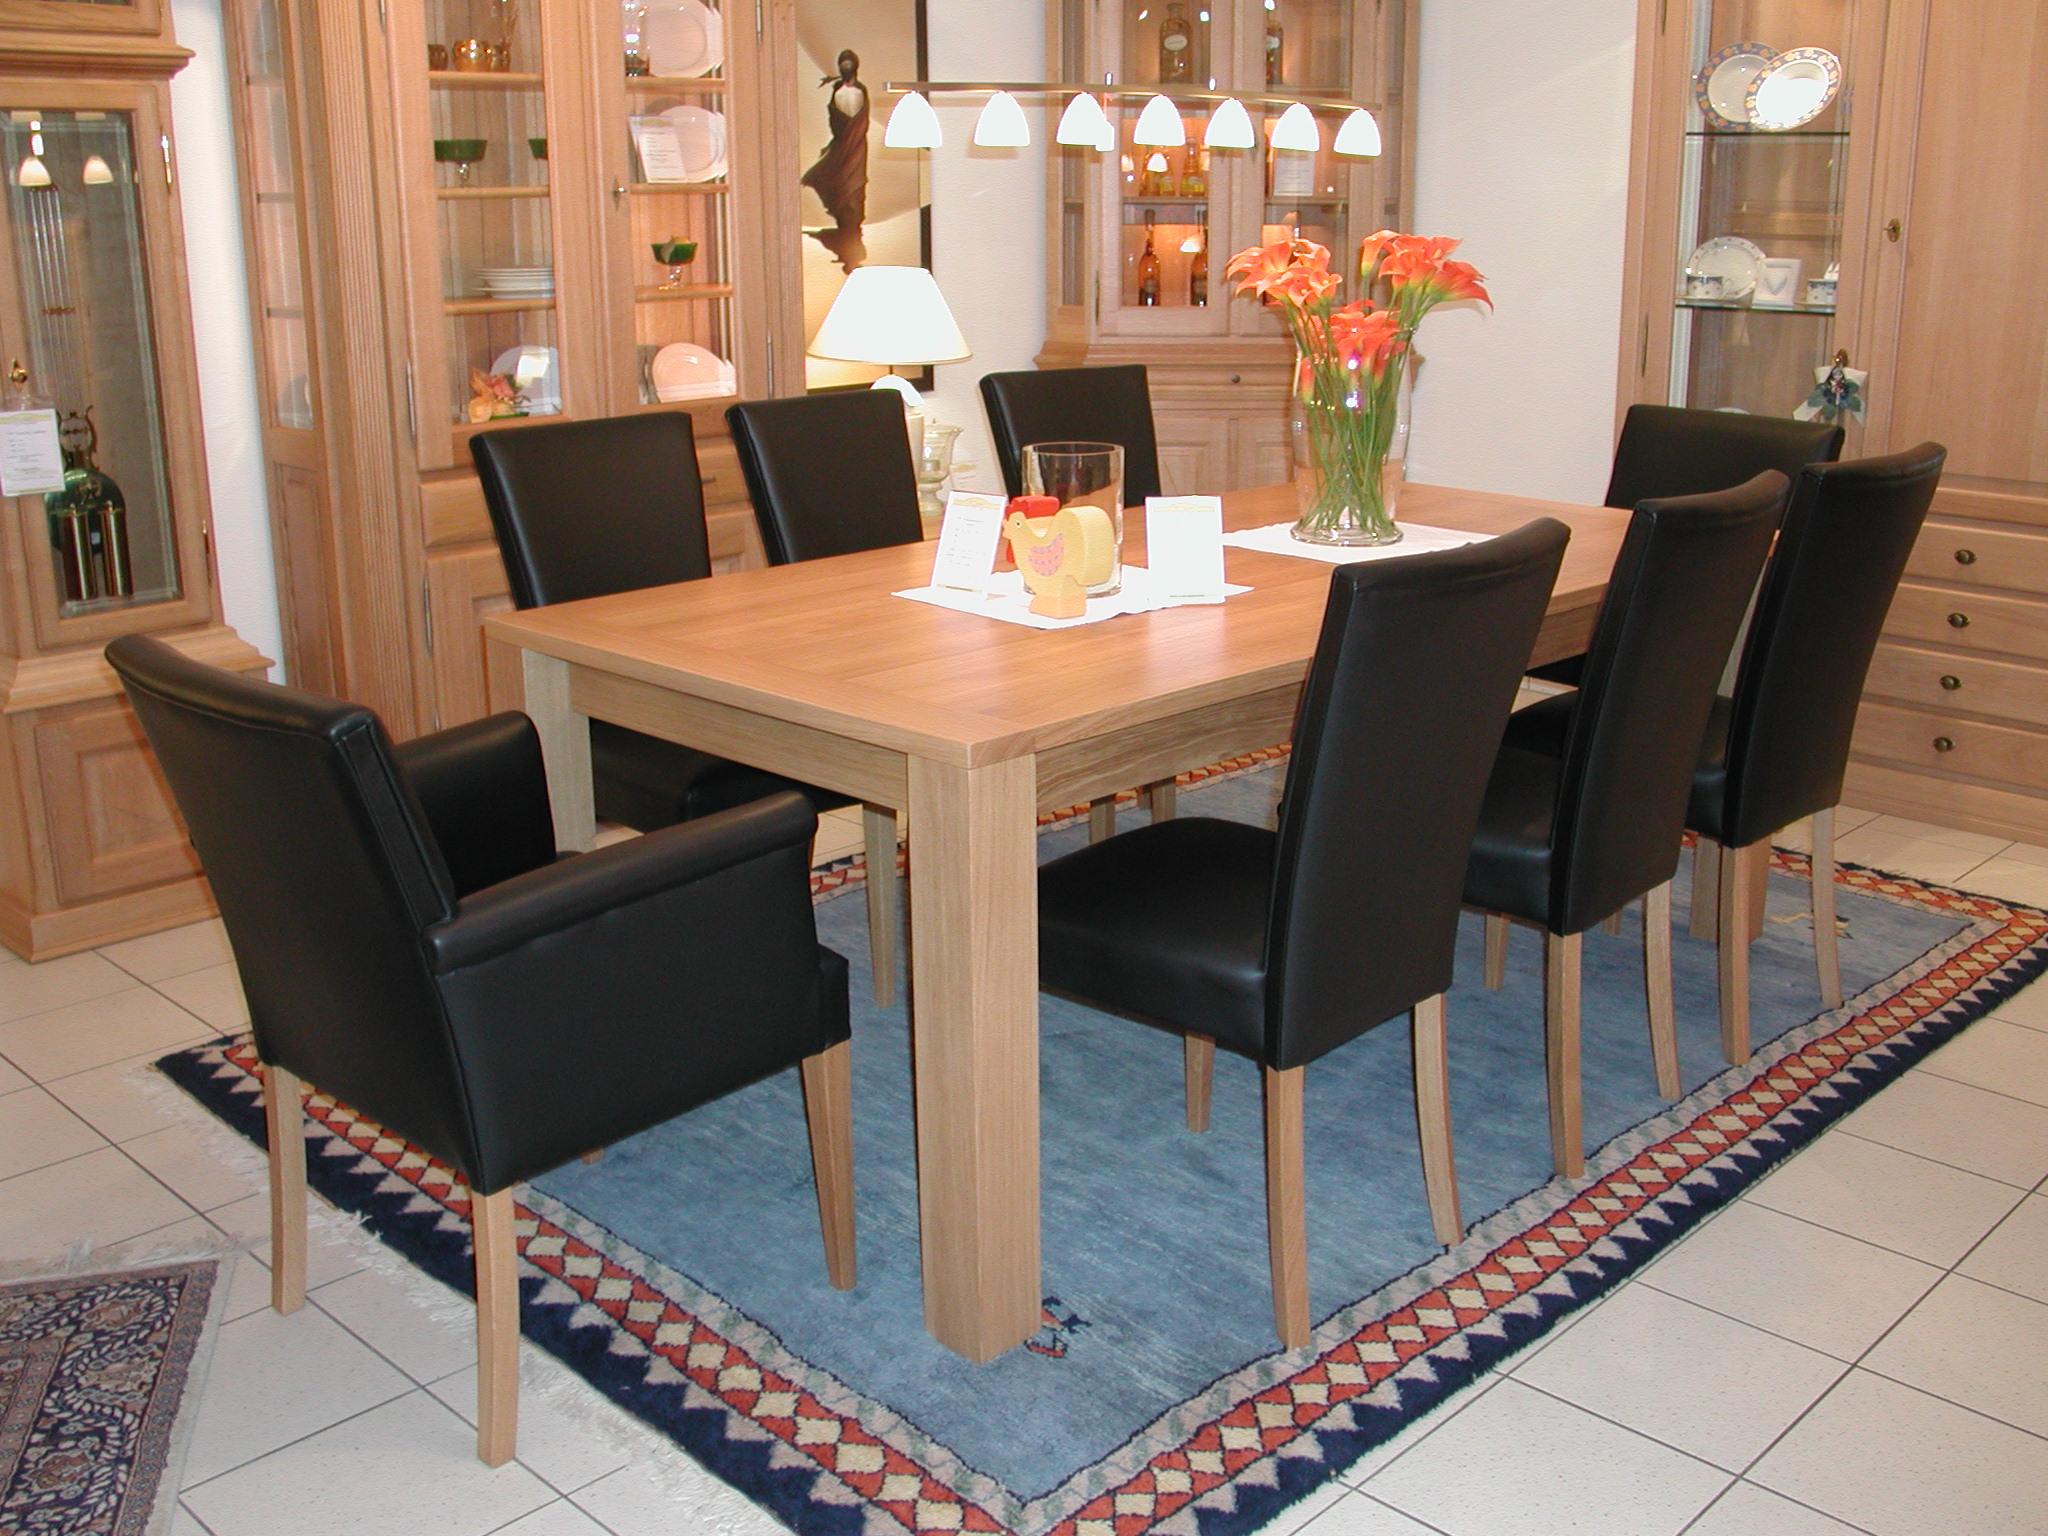 ausstellung der gebr der vinkelau gmbh eichenm bel und. Black Bedroom Furniture Sets. Home Design Ideas